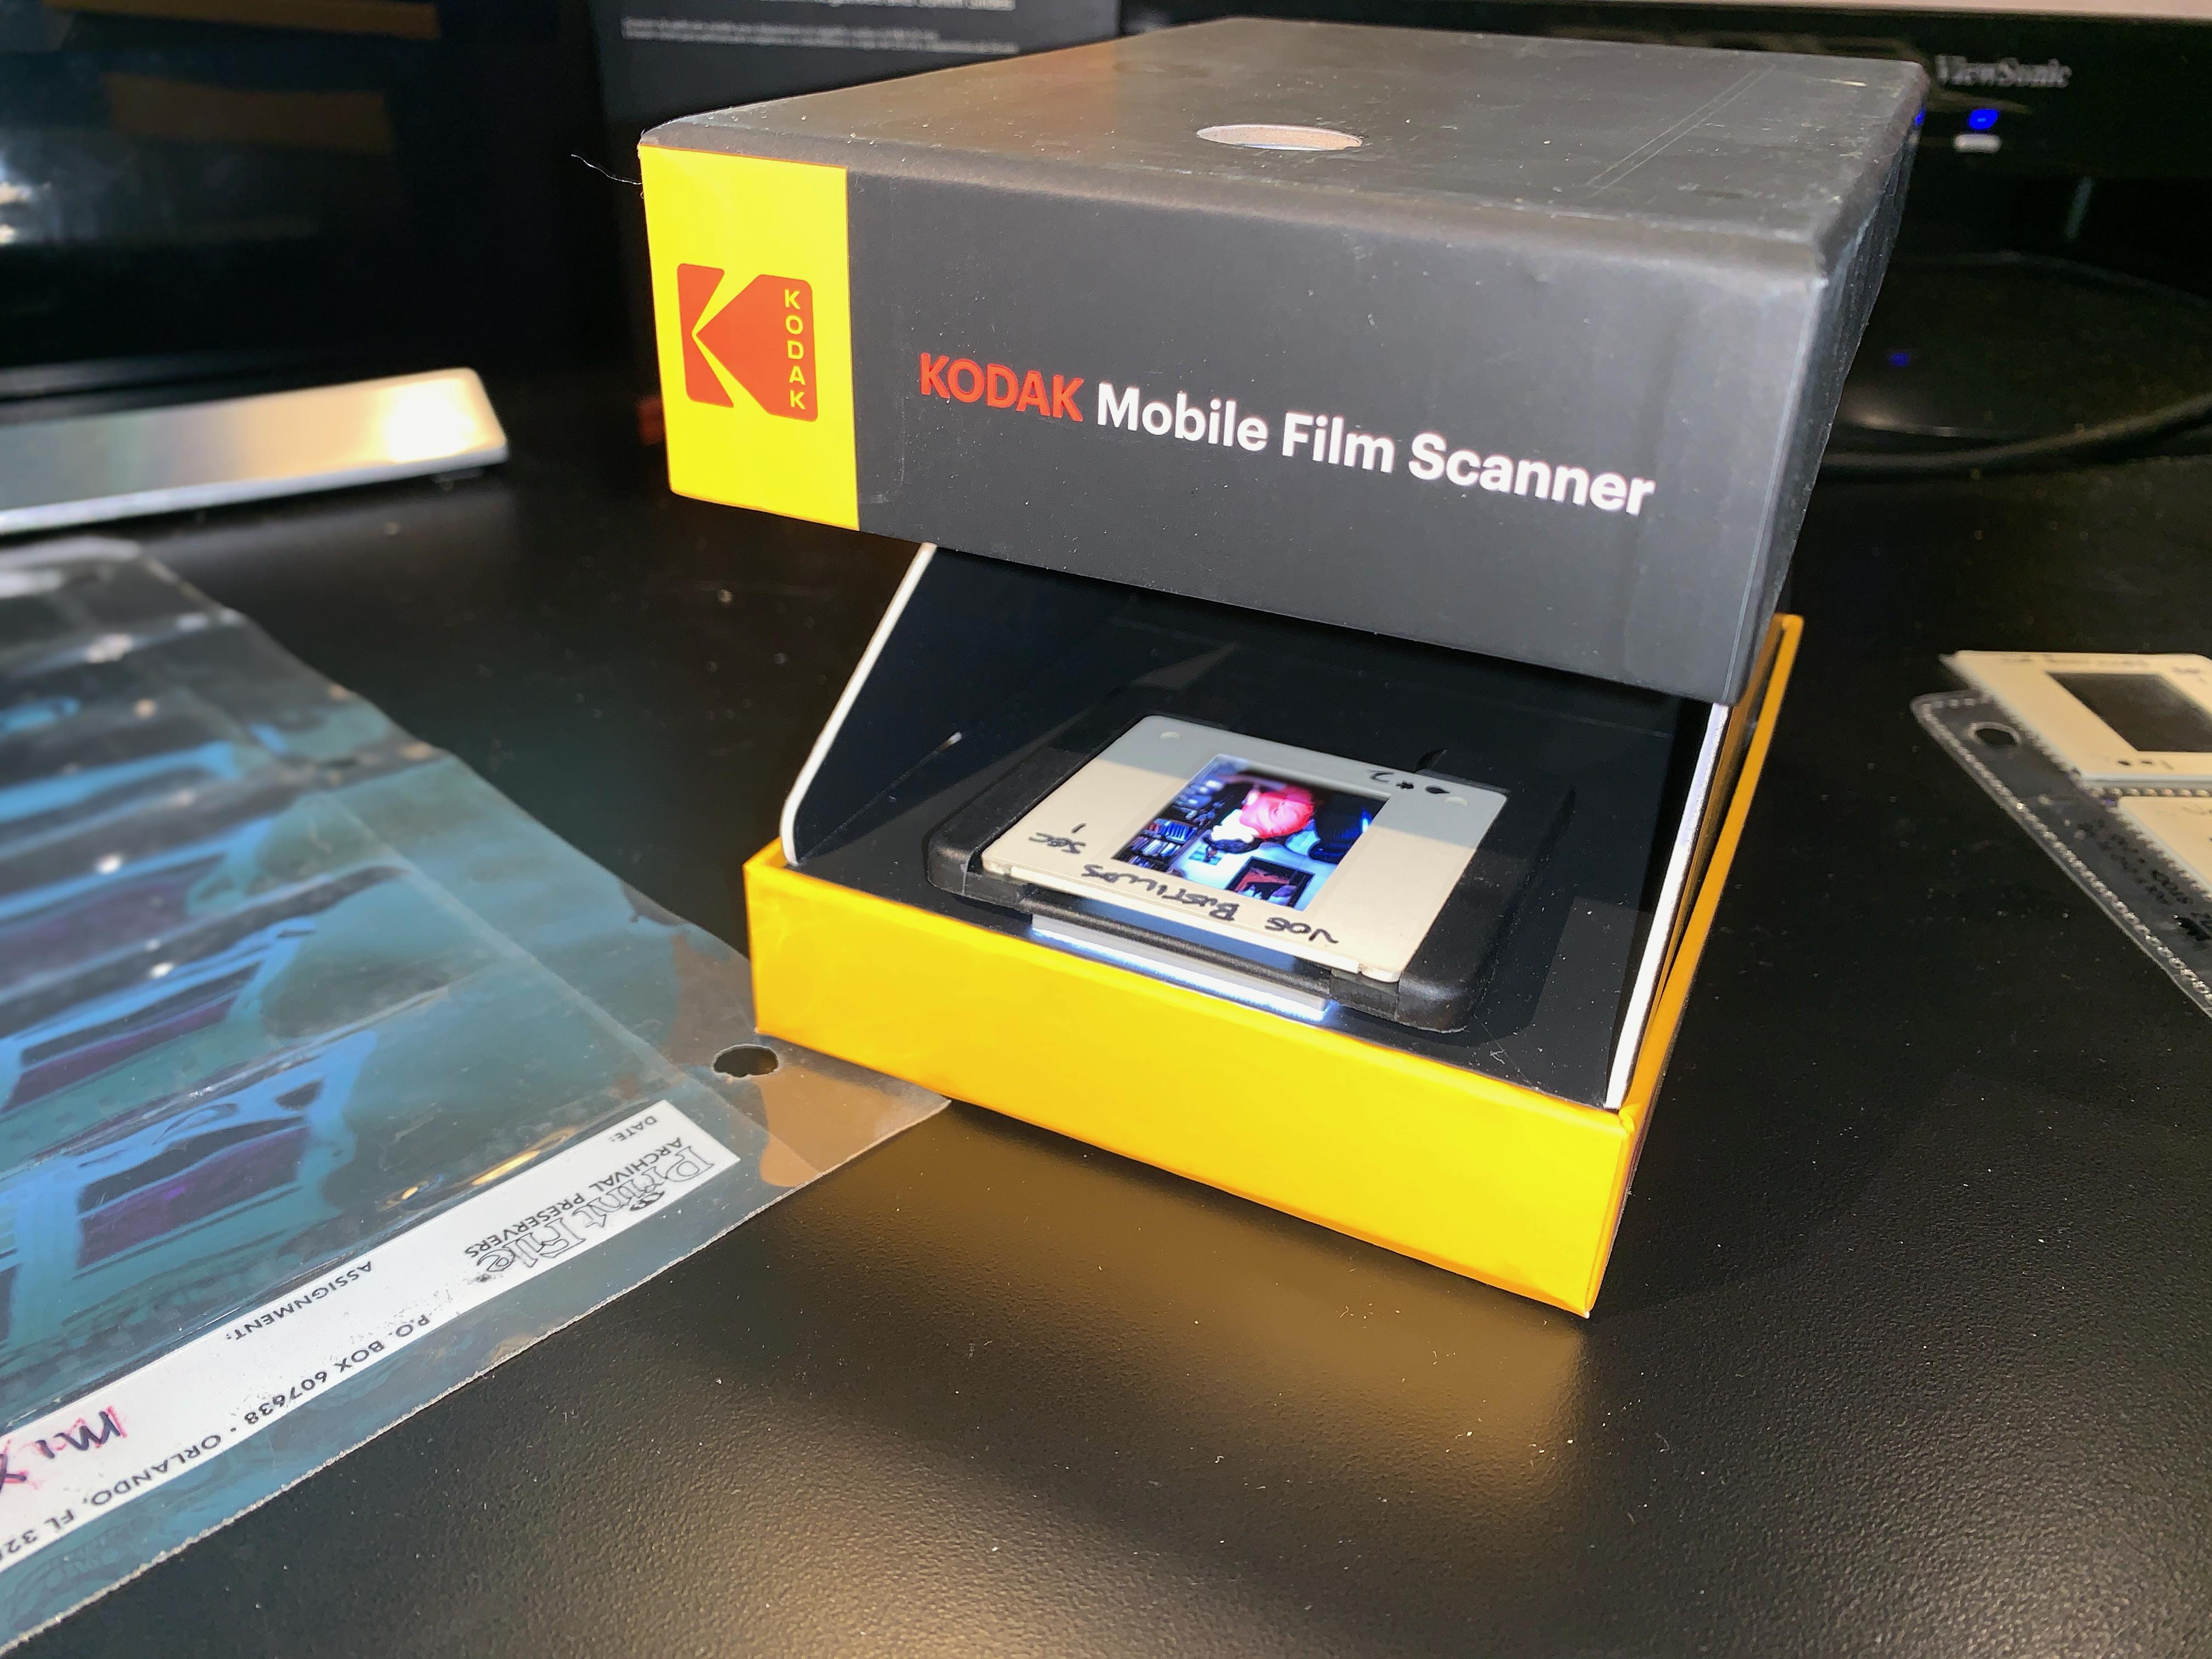 2019-07-25 Kodak Mobile Film Scanner-06 - slide